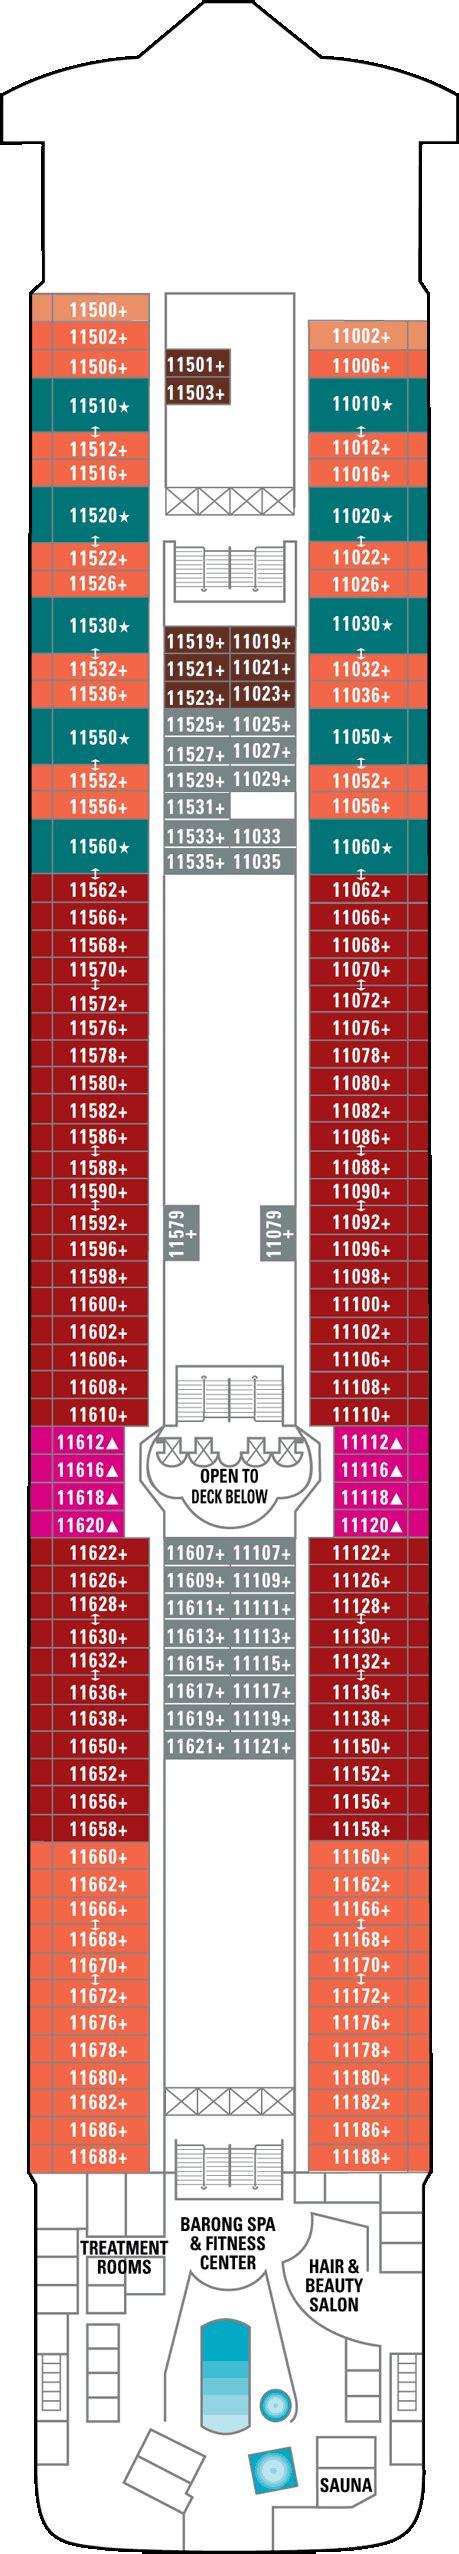 Ncl Deck Plans 11 by Deck Plans